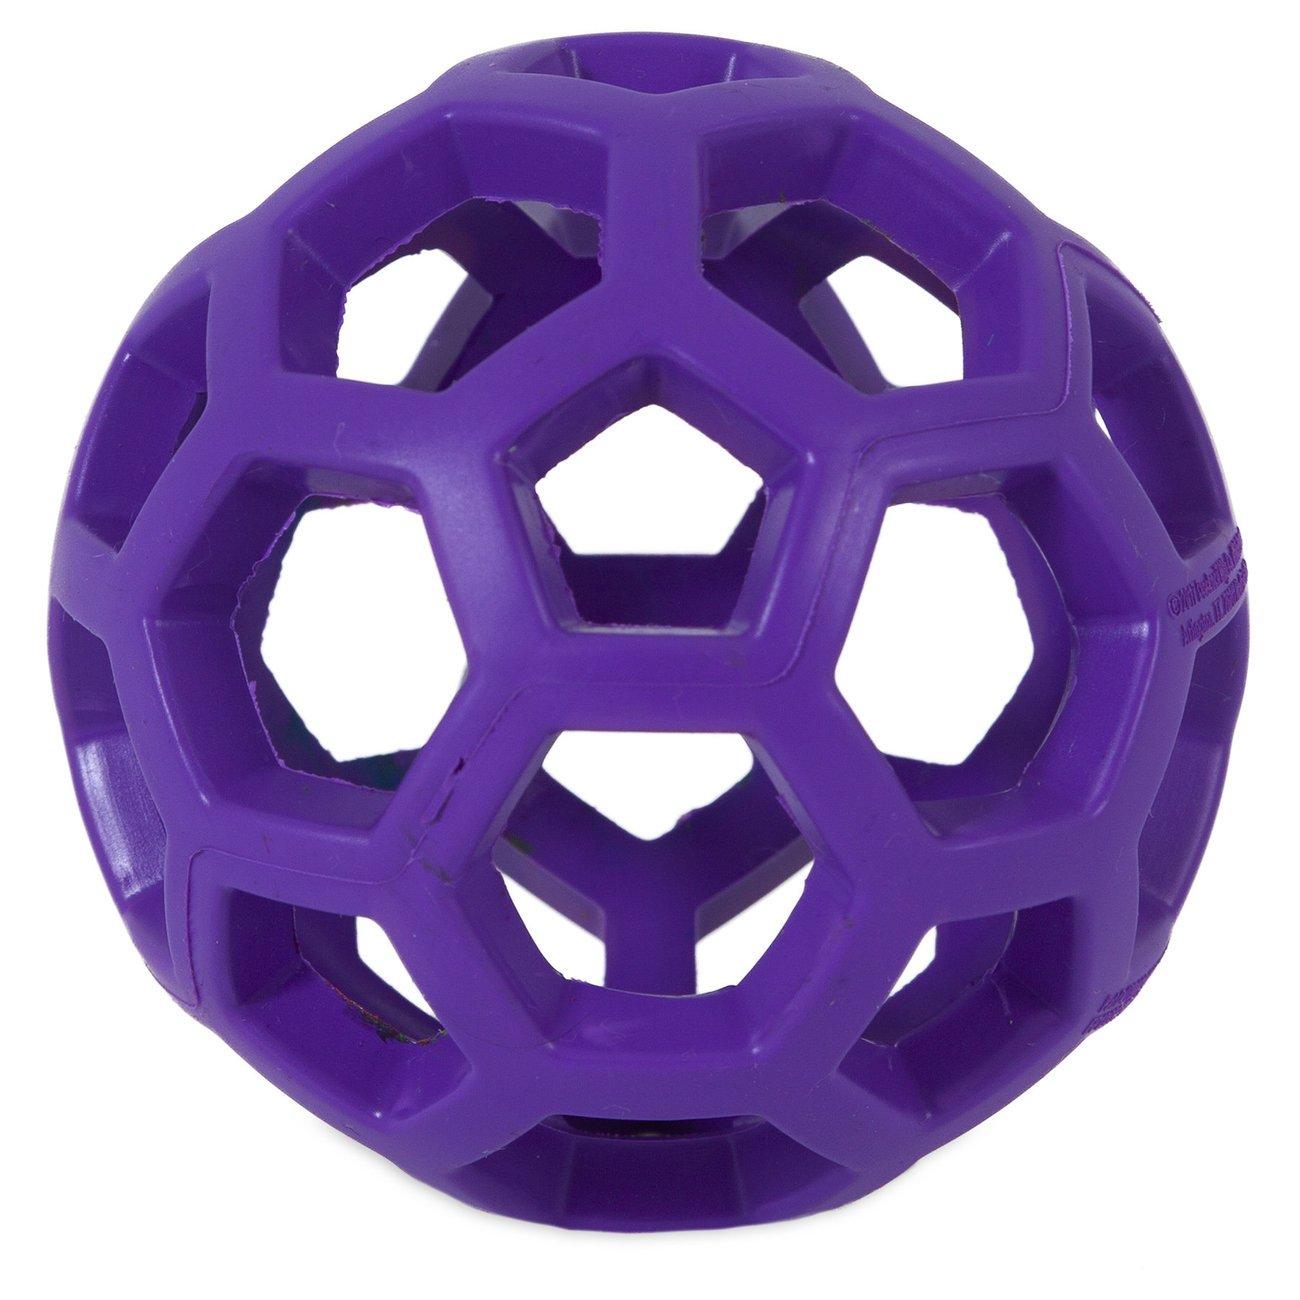 JW Pet HOL-EE Roller Lochball für Hunde, Bild 5